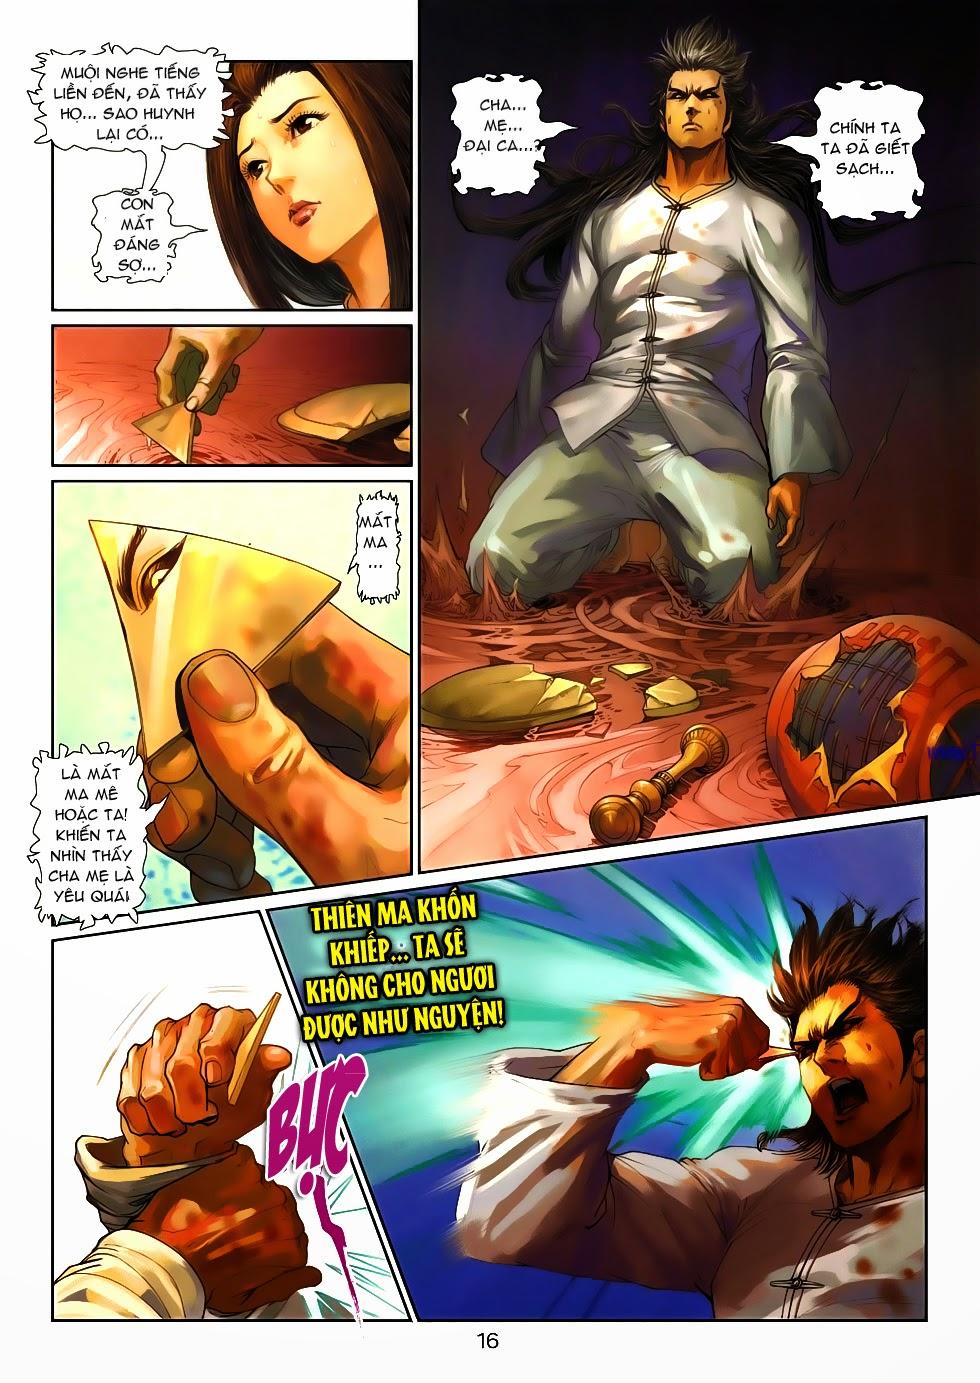 Thần Binh Tiền Truyện 4 - Huyền Thiên Tà Đế chap 10 - Trang 16